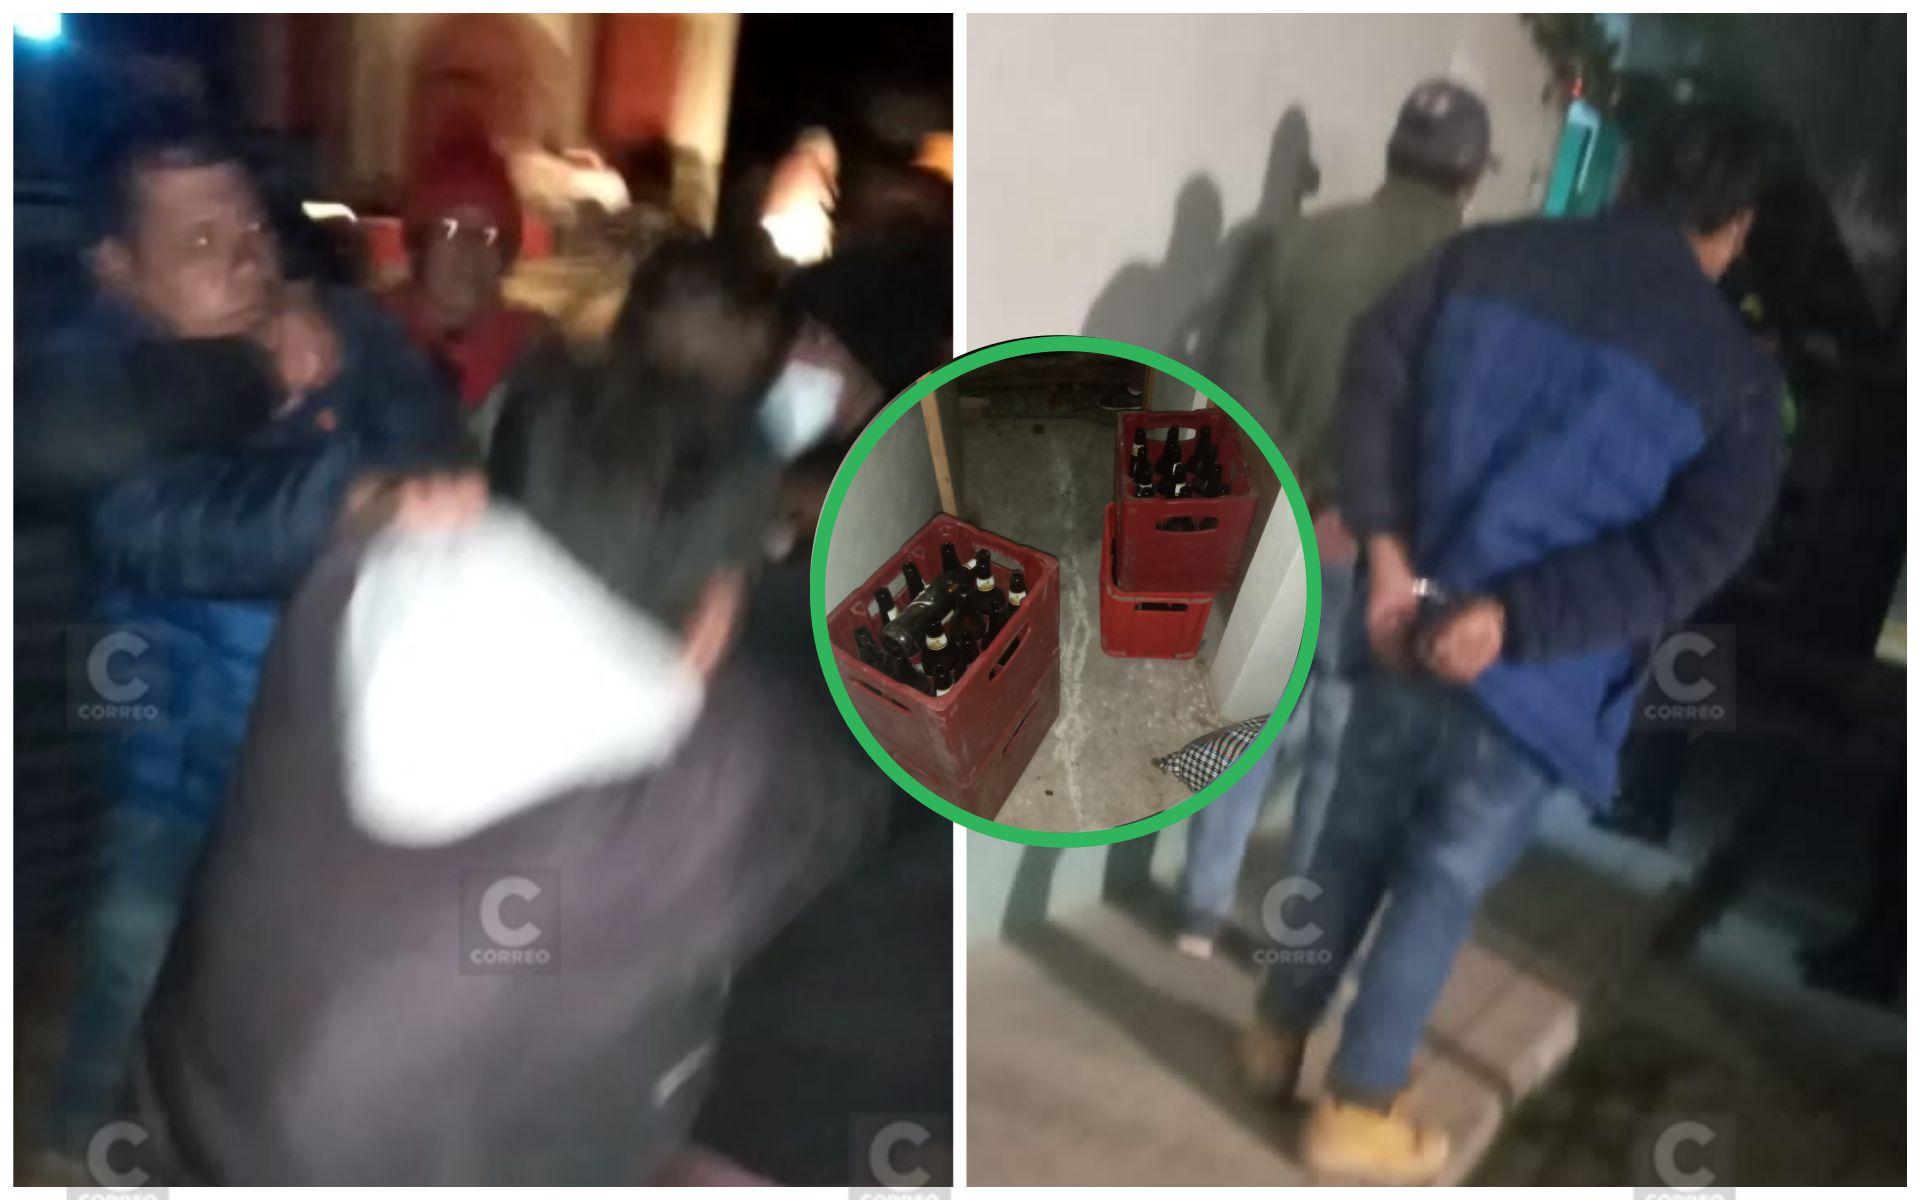 cuatro-serenos-heridos-al-ser-agredidos-por-asistentes-a-techado-de-casa-en-jauja-video